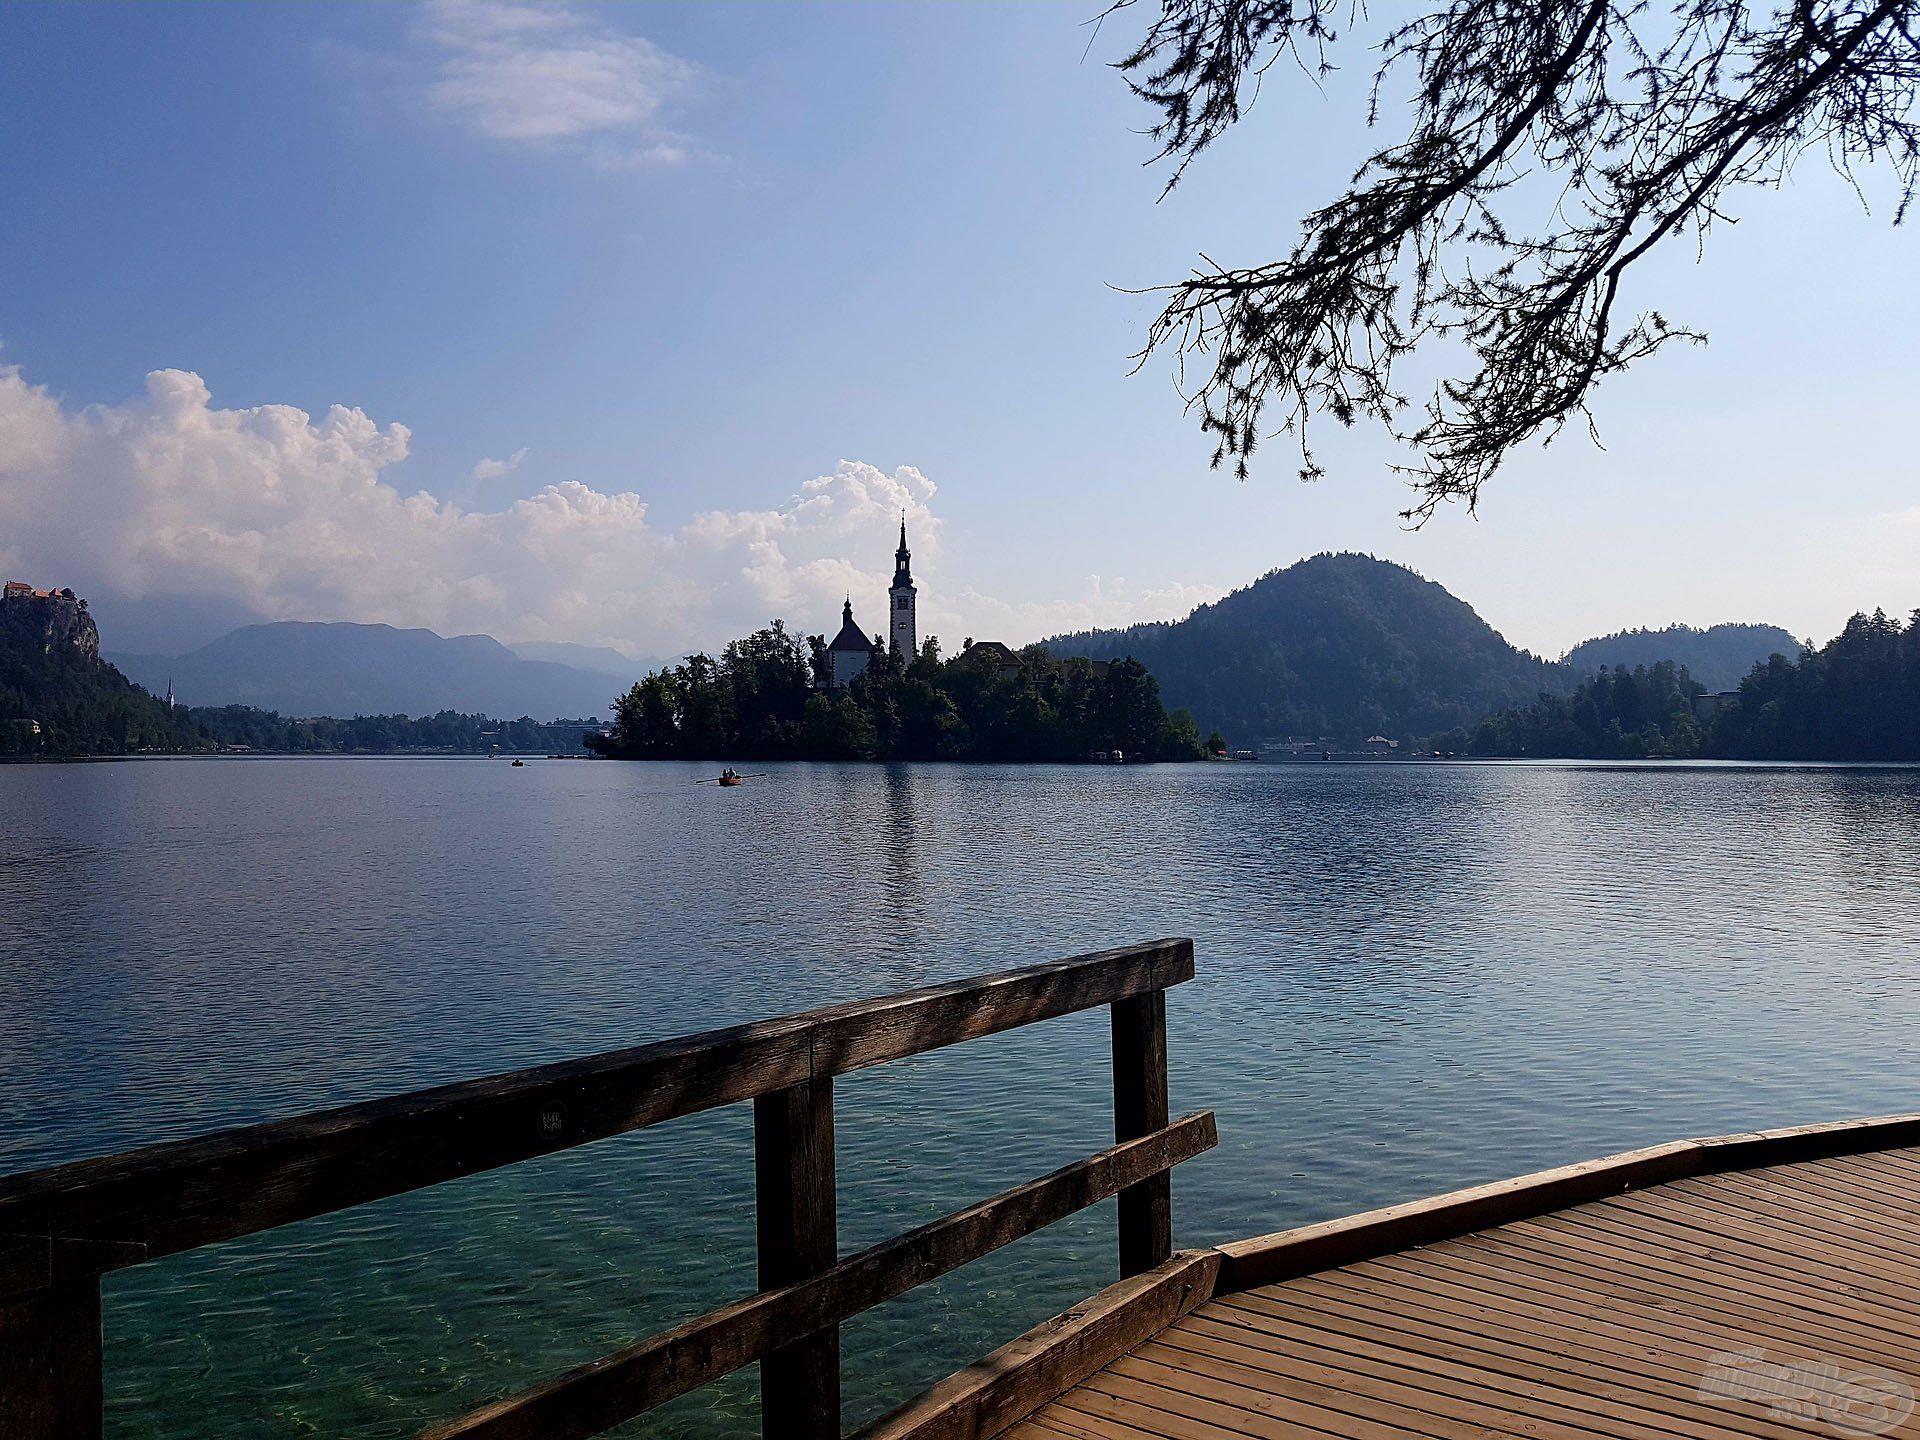 Kényelmes sétány vezet a tó körül